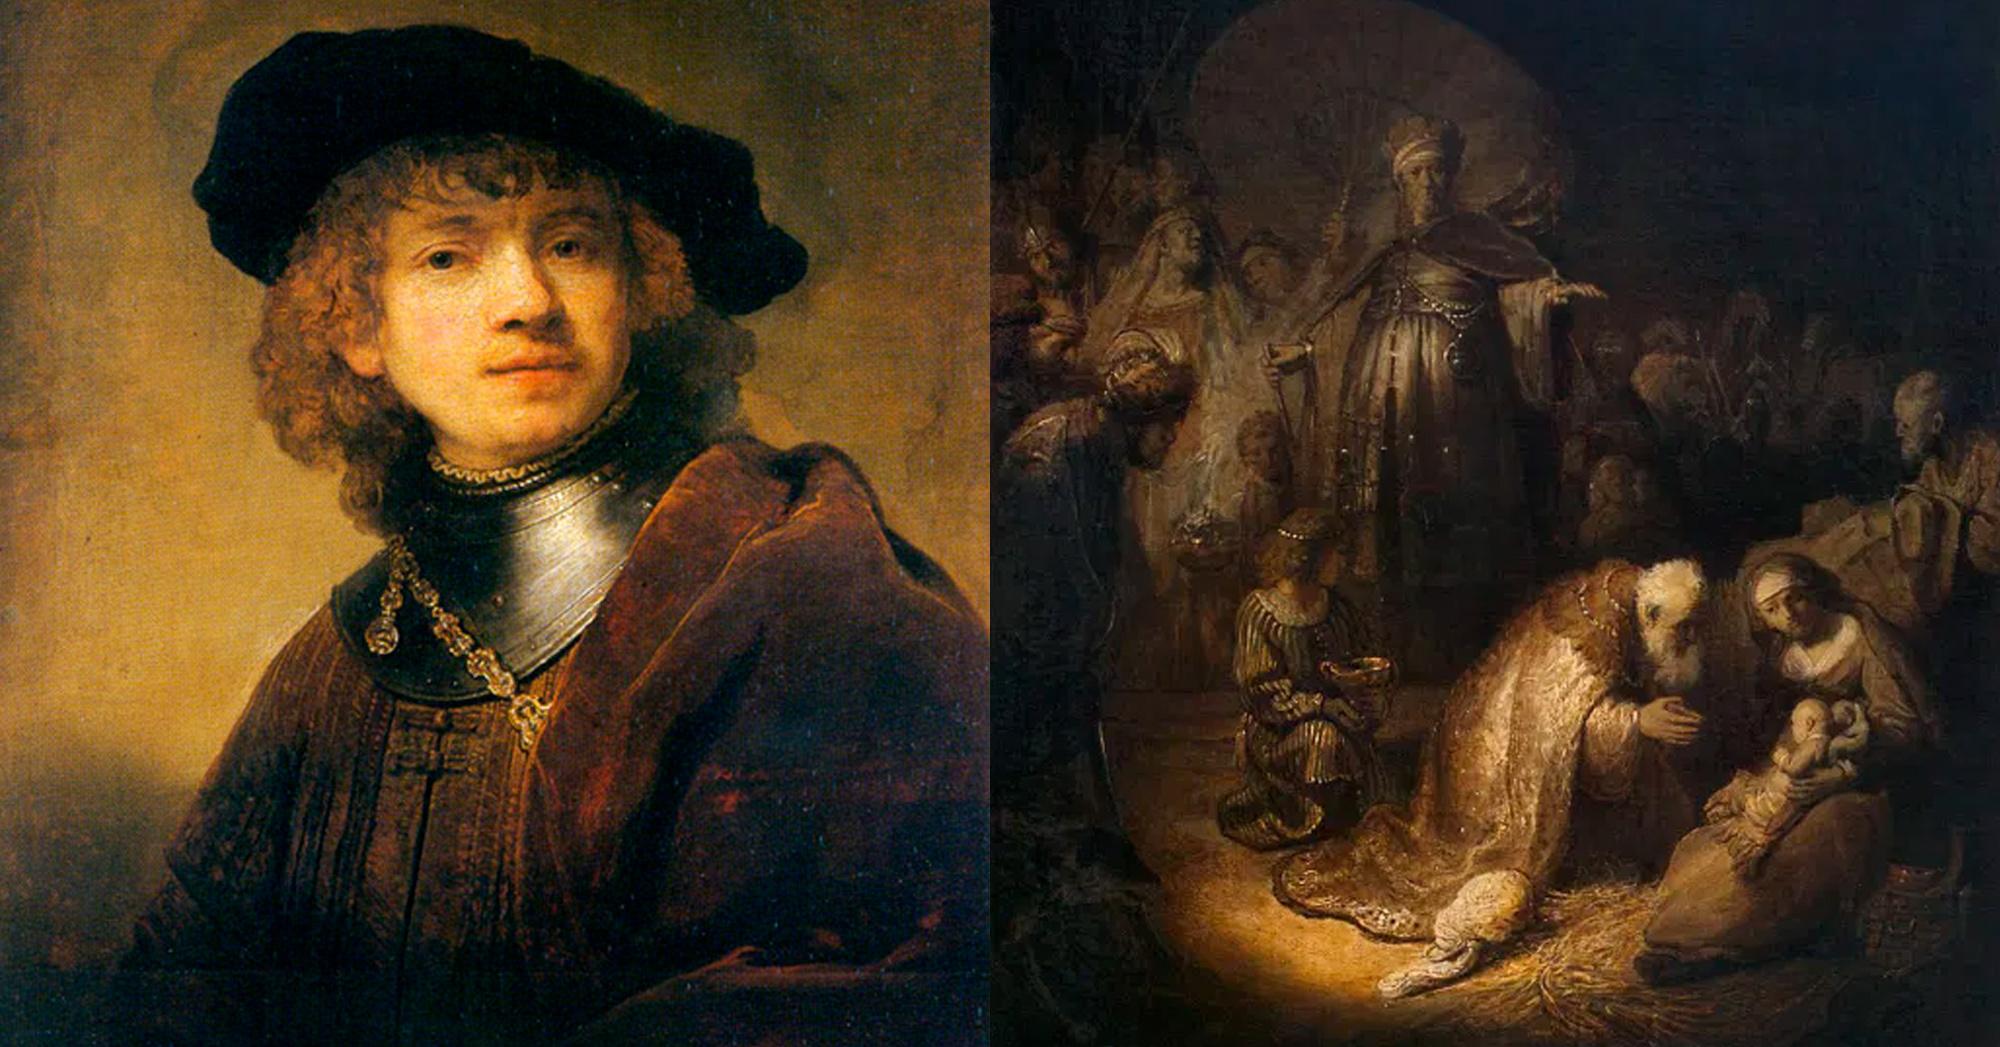 В Італії знайшли чергове полотно Рембрандта